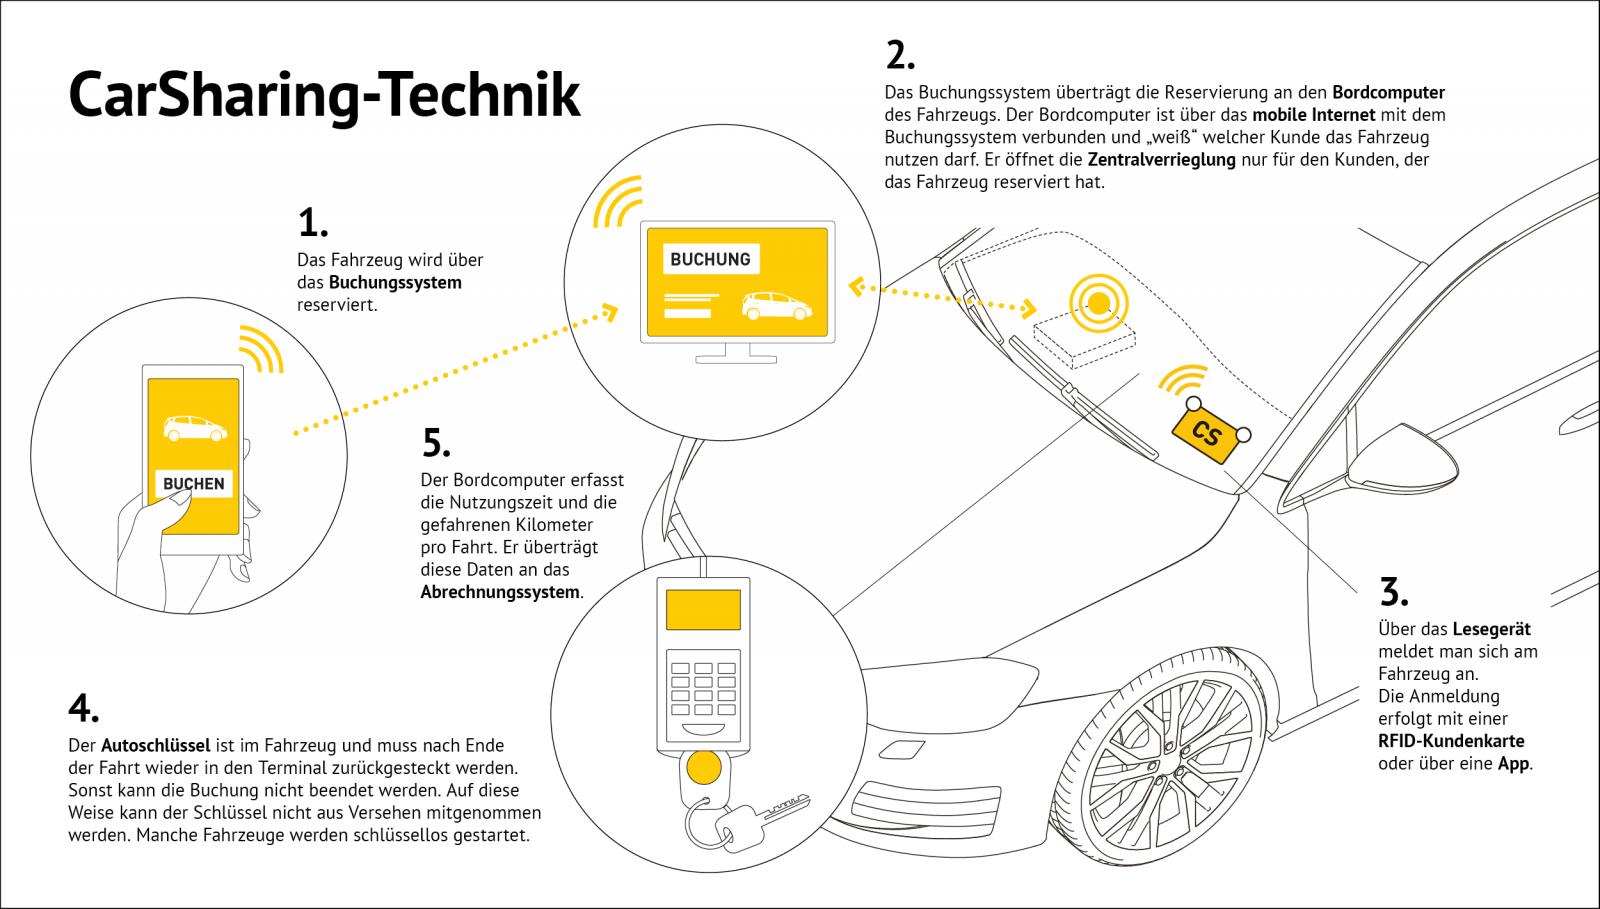 Abb. 5: So funktioniert die Buchung und Nutzung eines CarSharing-Autos heute.